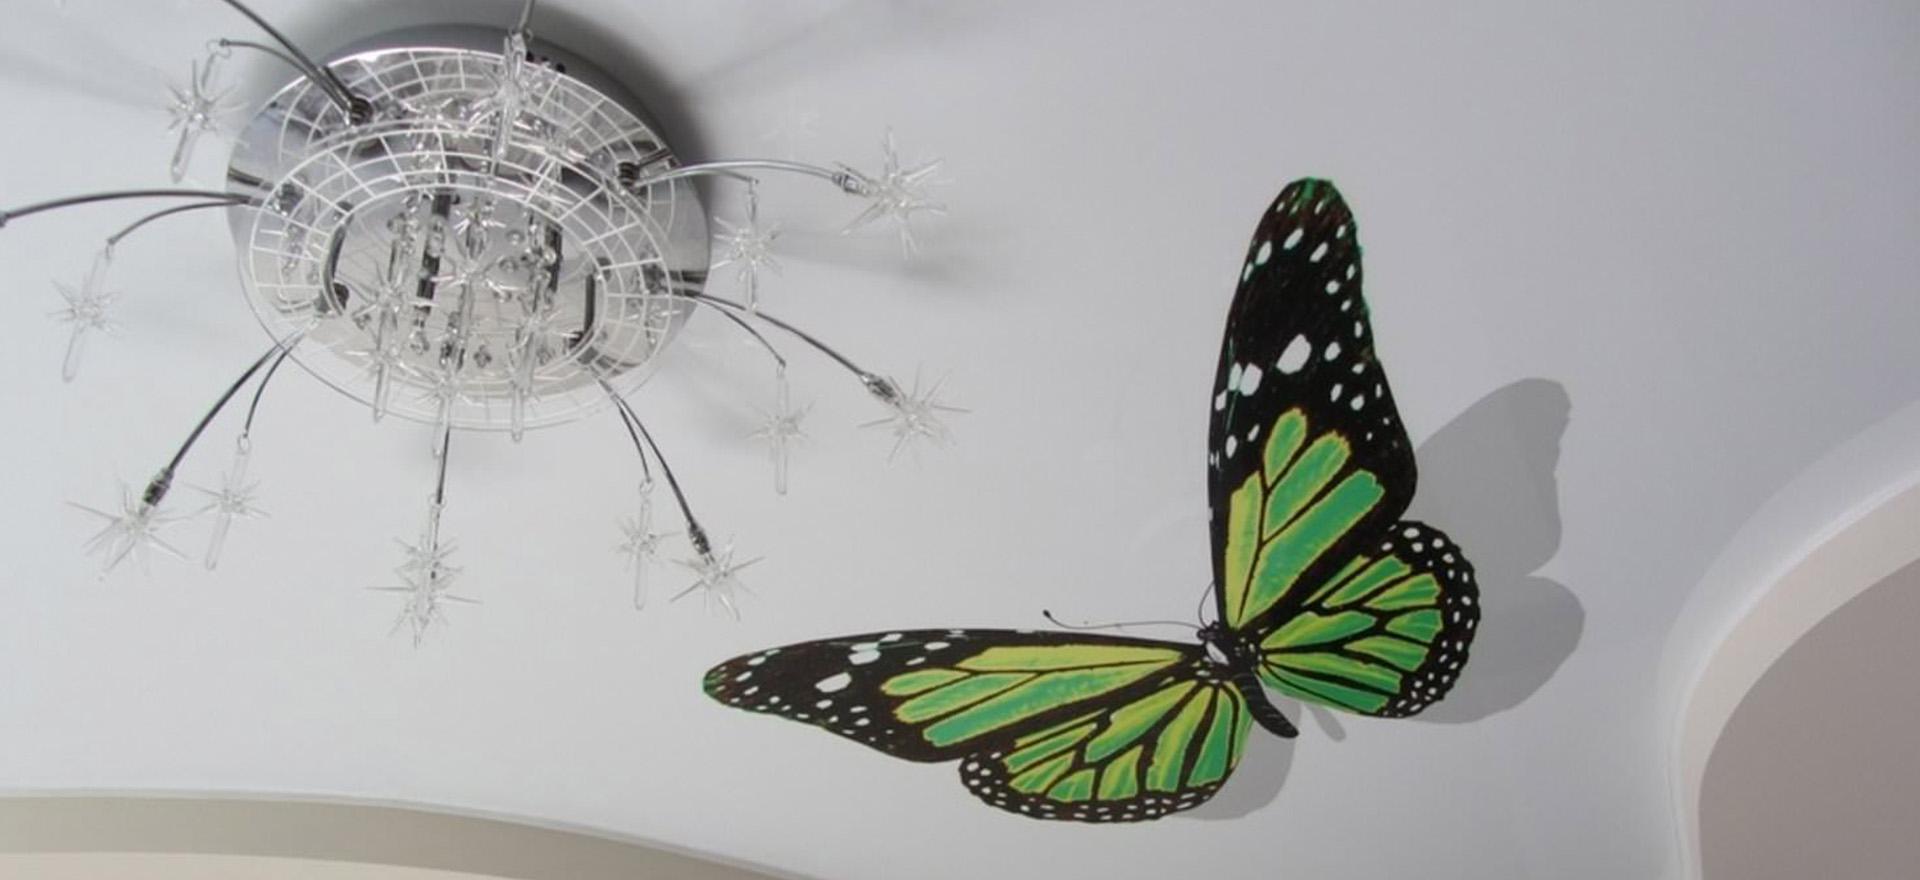 Создаем неповторимый дизайн интерьера своего дома